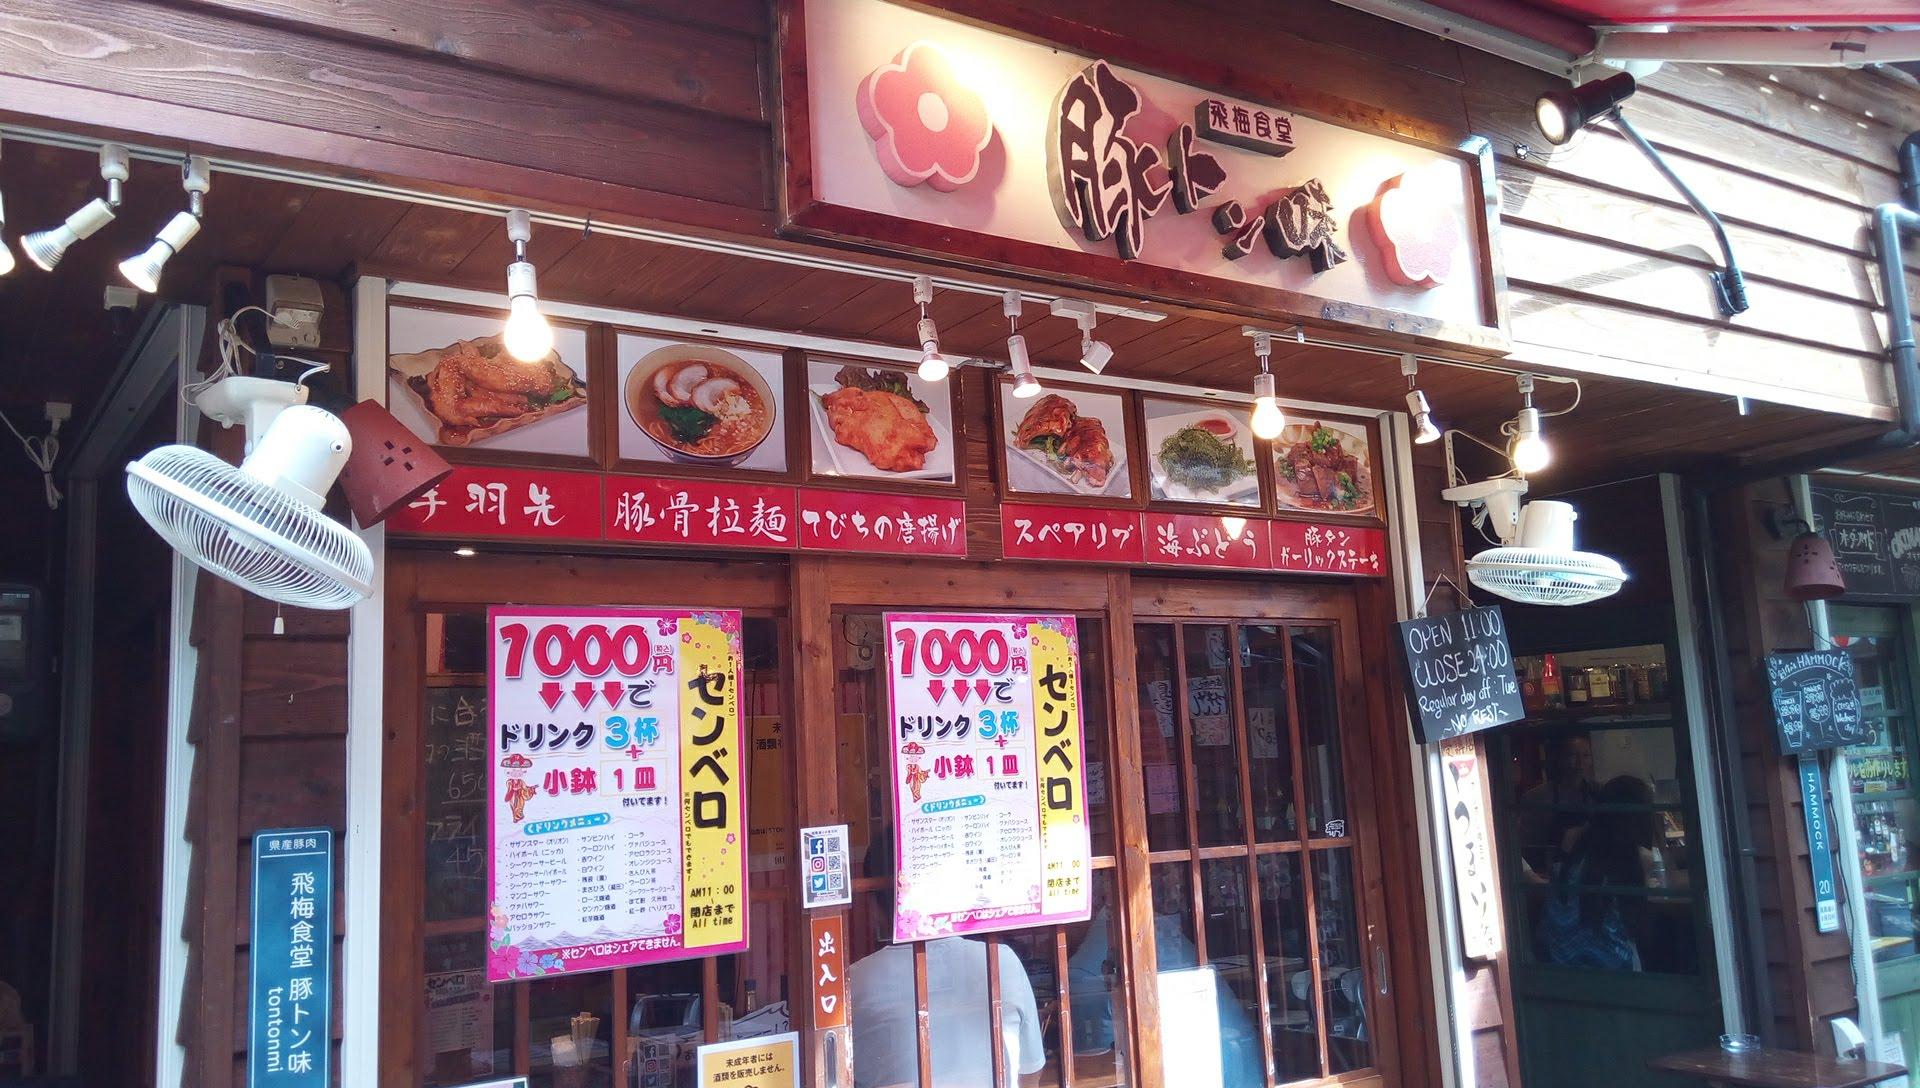 家族連れでも安心して飲んで食べて楽しい国際通り屋台村、豚料理がうまい豚トン味を紹介